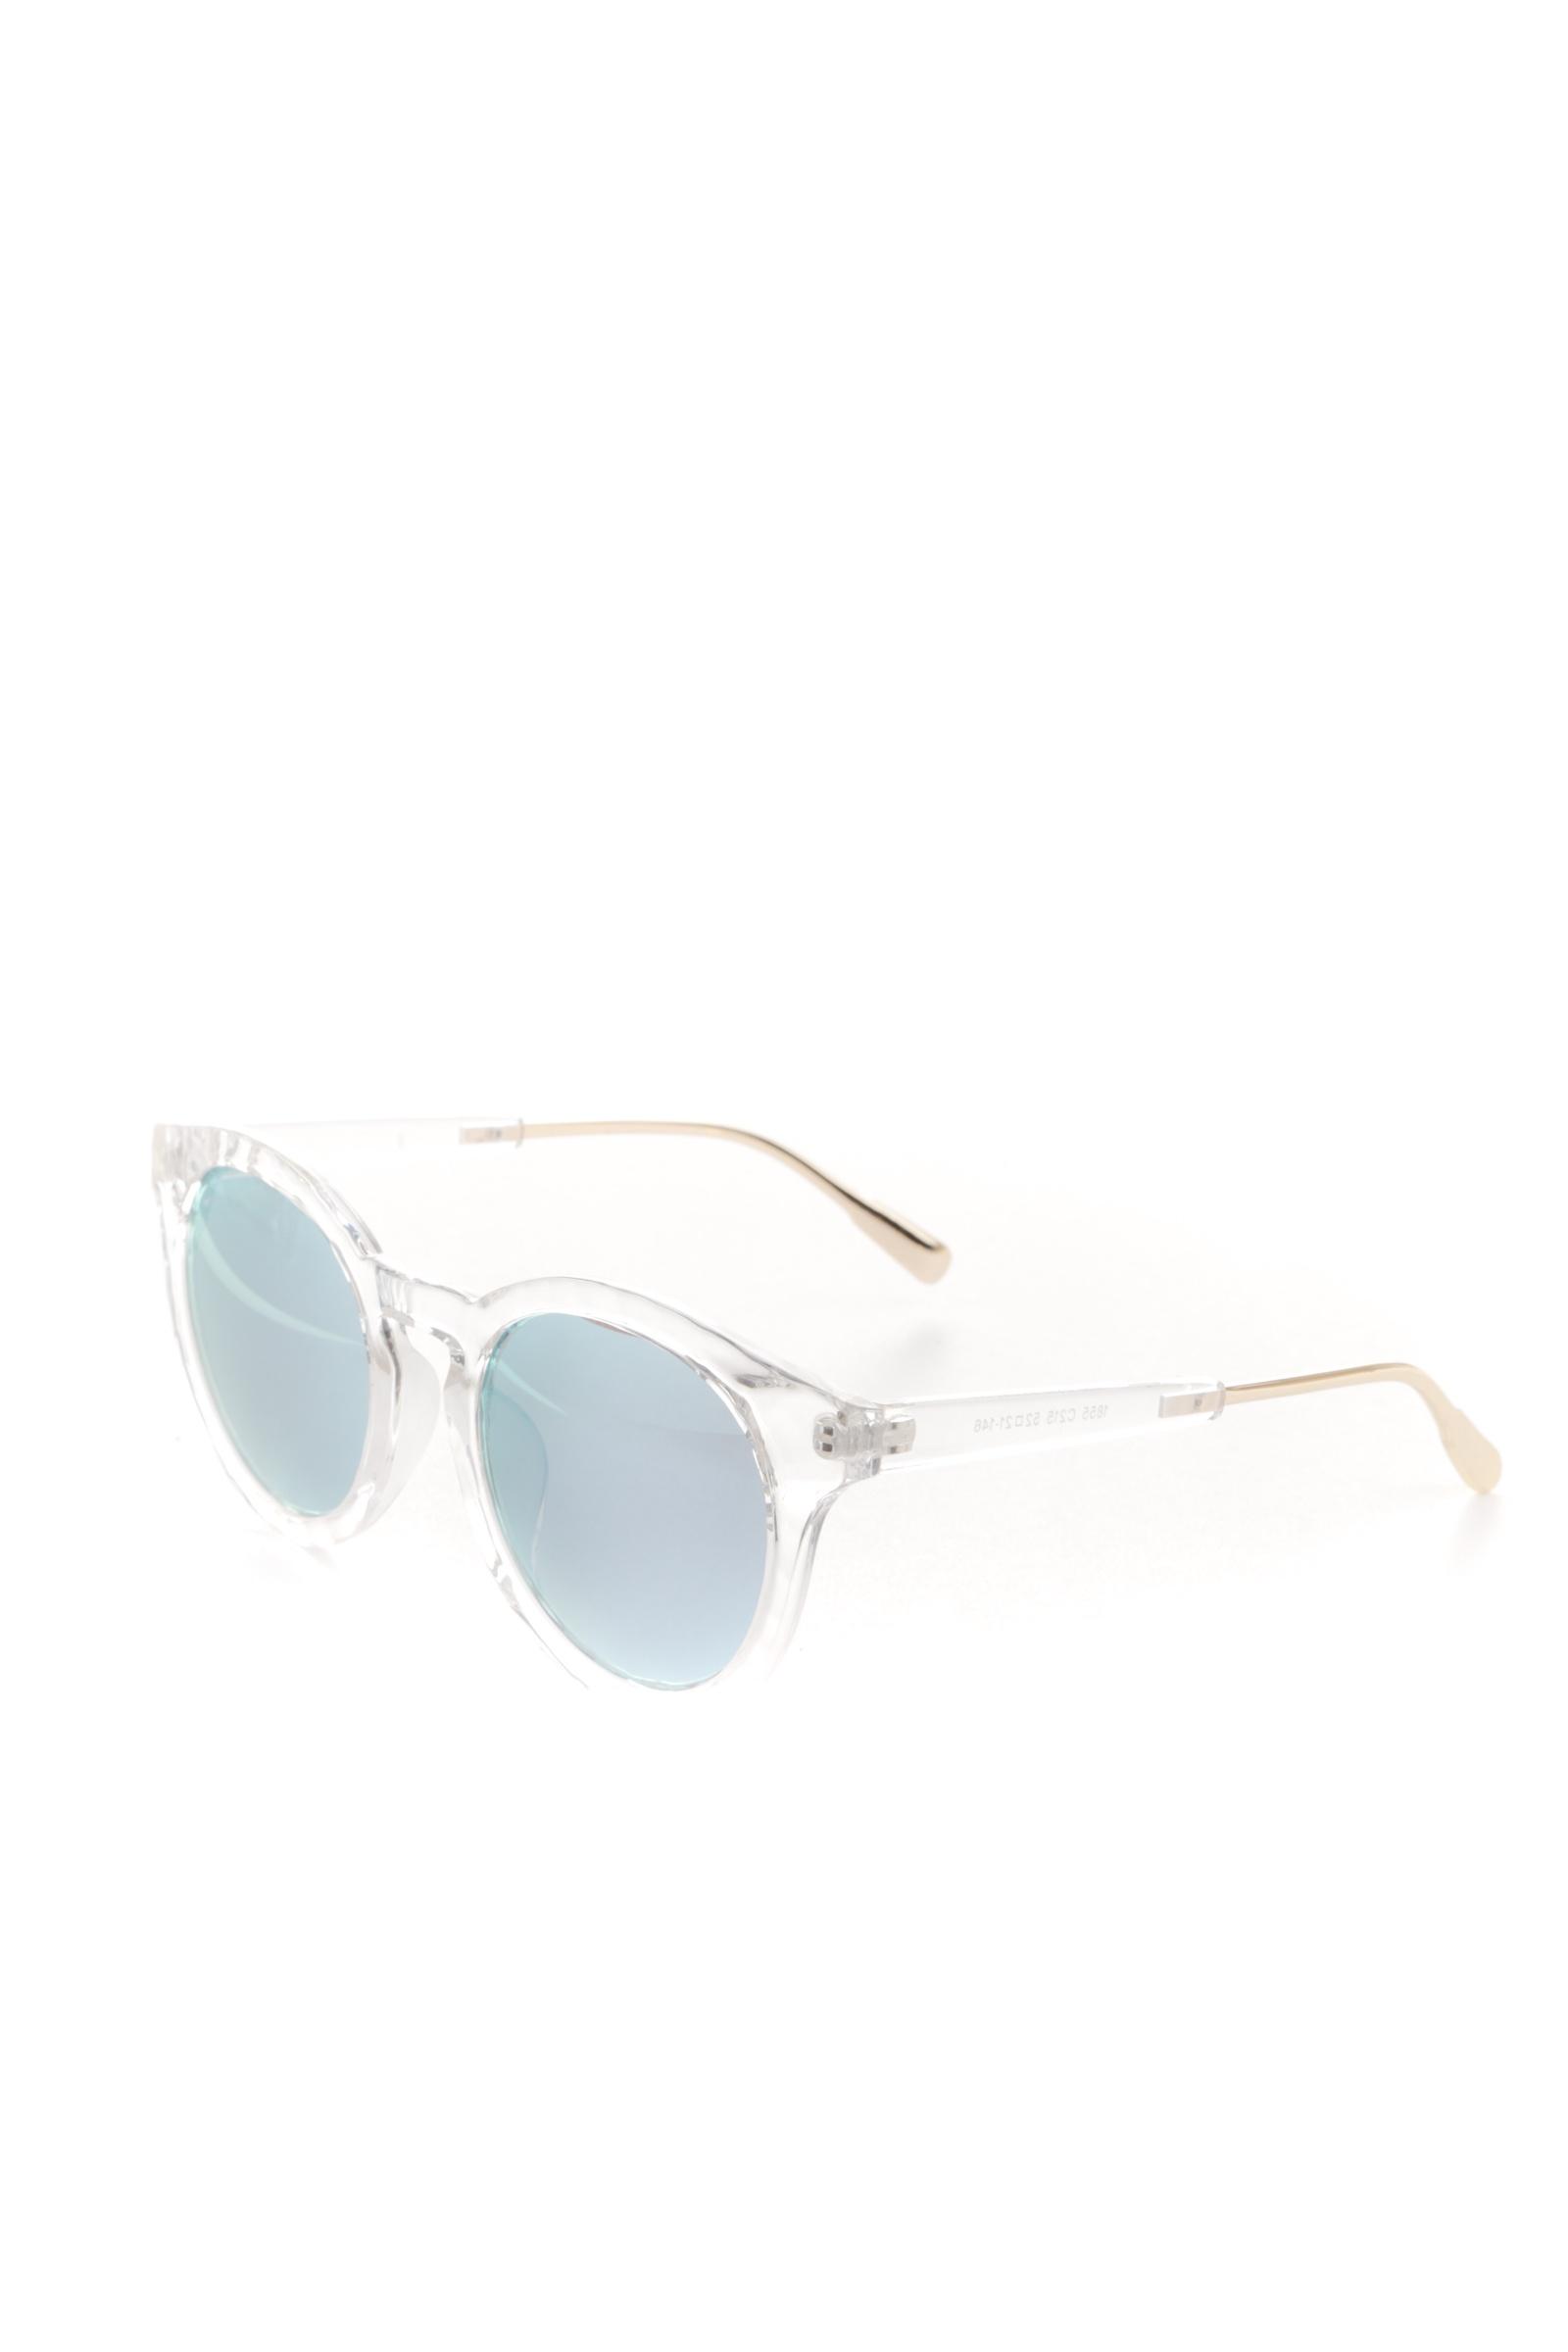 Очки солнцезащитные PrettyDay 46271519699614627151969961Стильные солнцезащитные очки PrettyDay с серыми зеркальными линзаи и оправой кошачий глаз - это яркое дополнение Вашего образа, каждый день. В комплект входит: транспортировочная картонная коробка, мешочек, салфетка, очки. Эти очки станут вашим любимым повседневным аксессуаром!